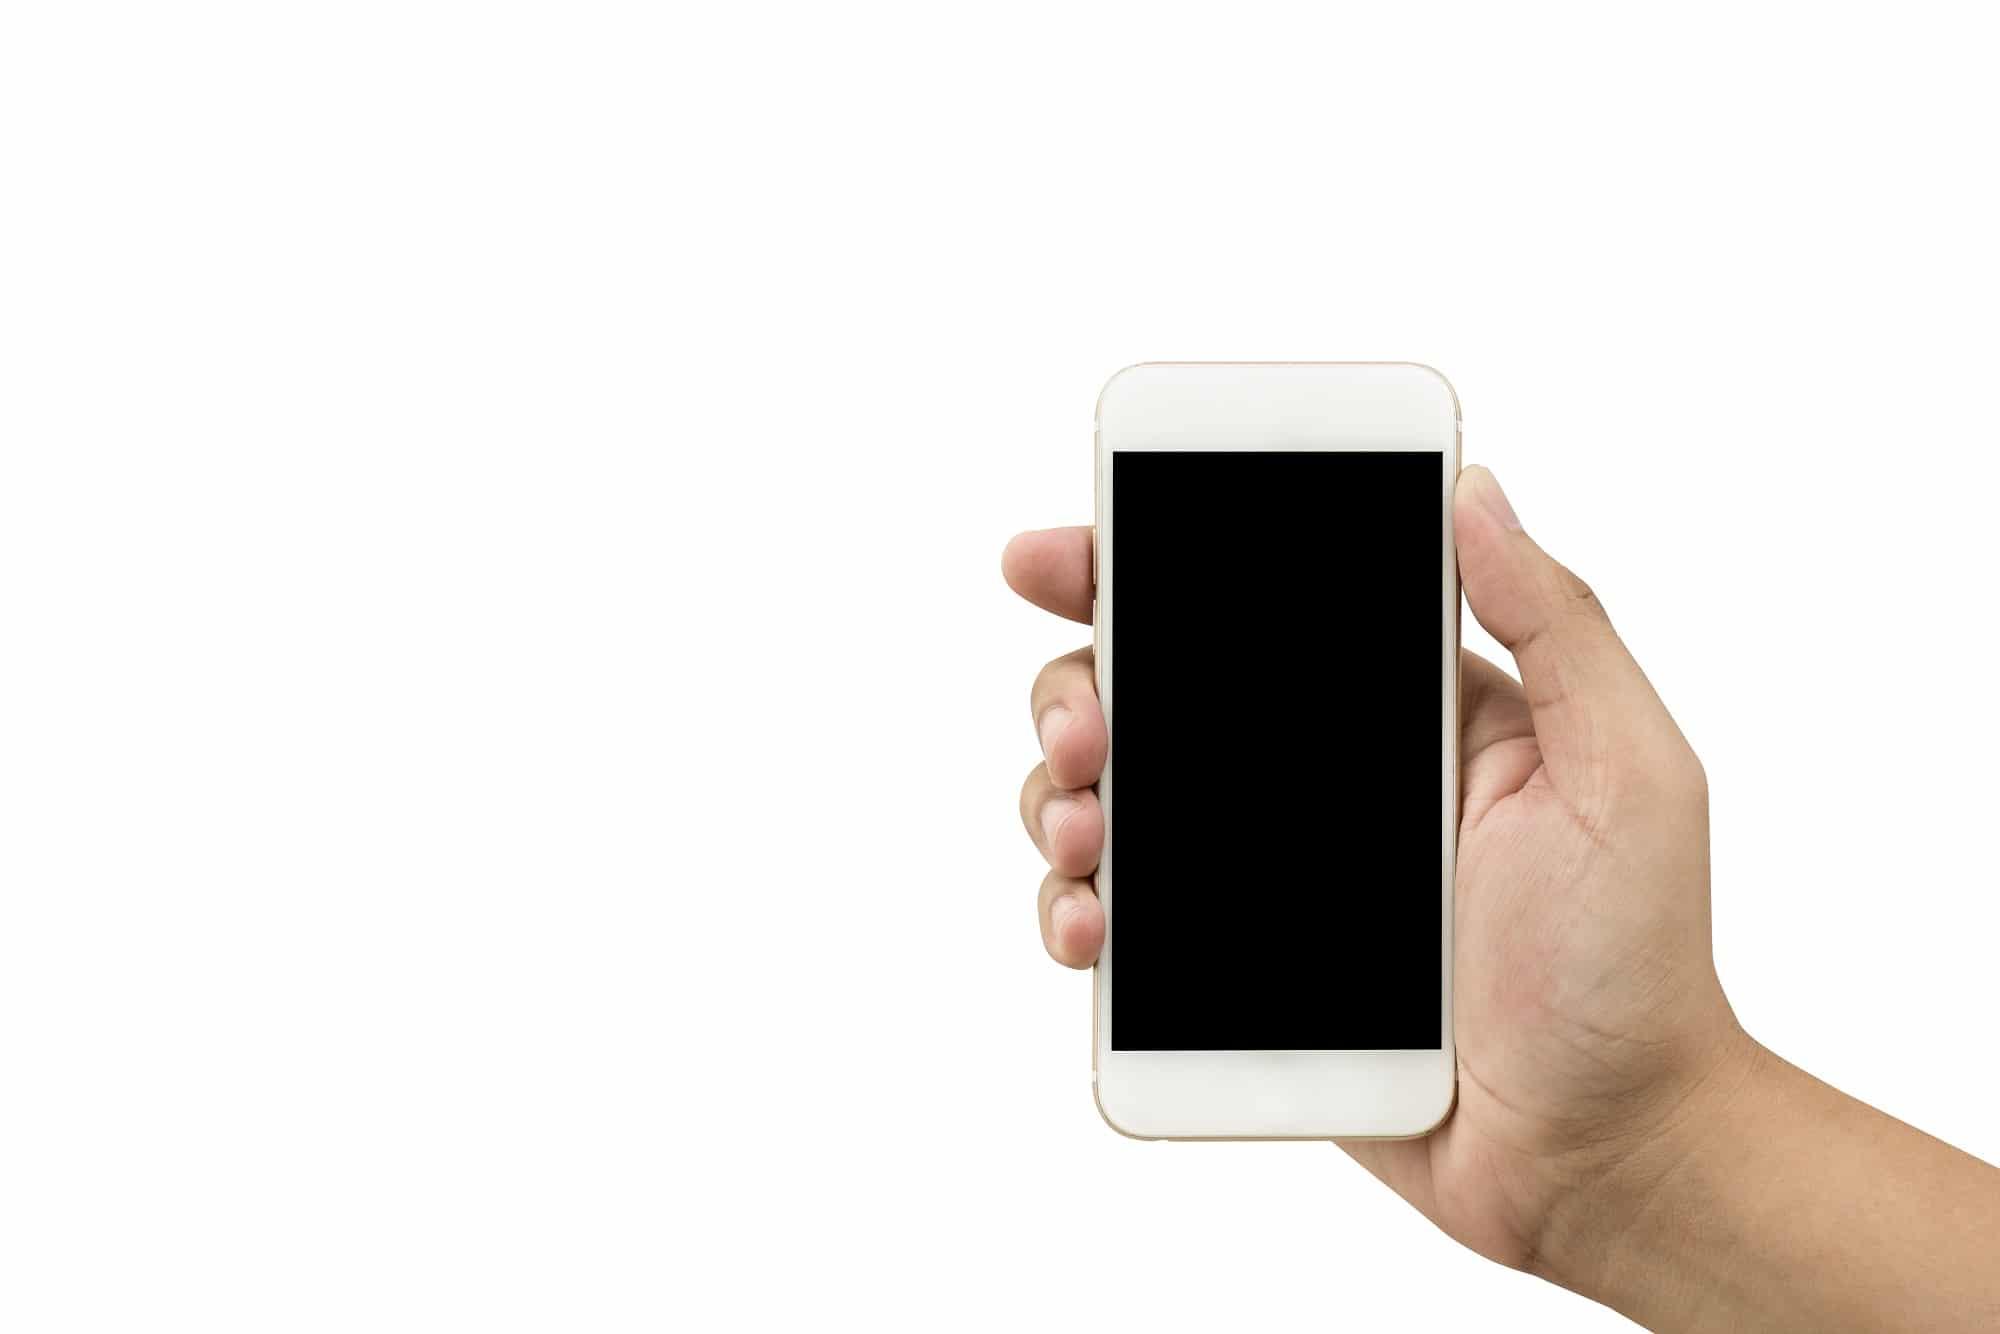 Επισκευή ή αντικατάσταση οθόνης iPhone; Τι χρειάζεται το κινητό σου